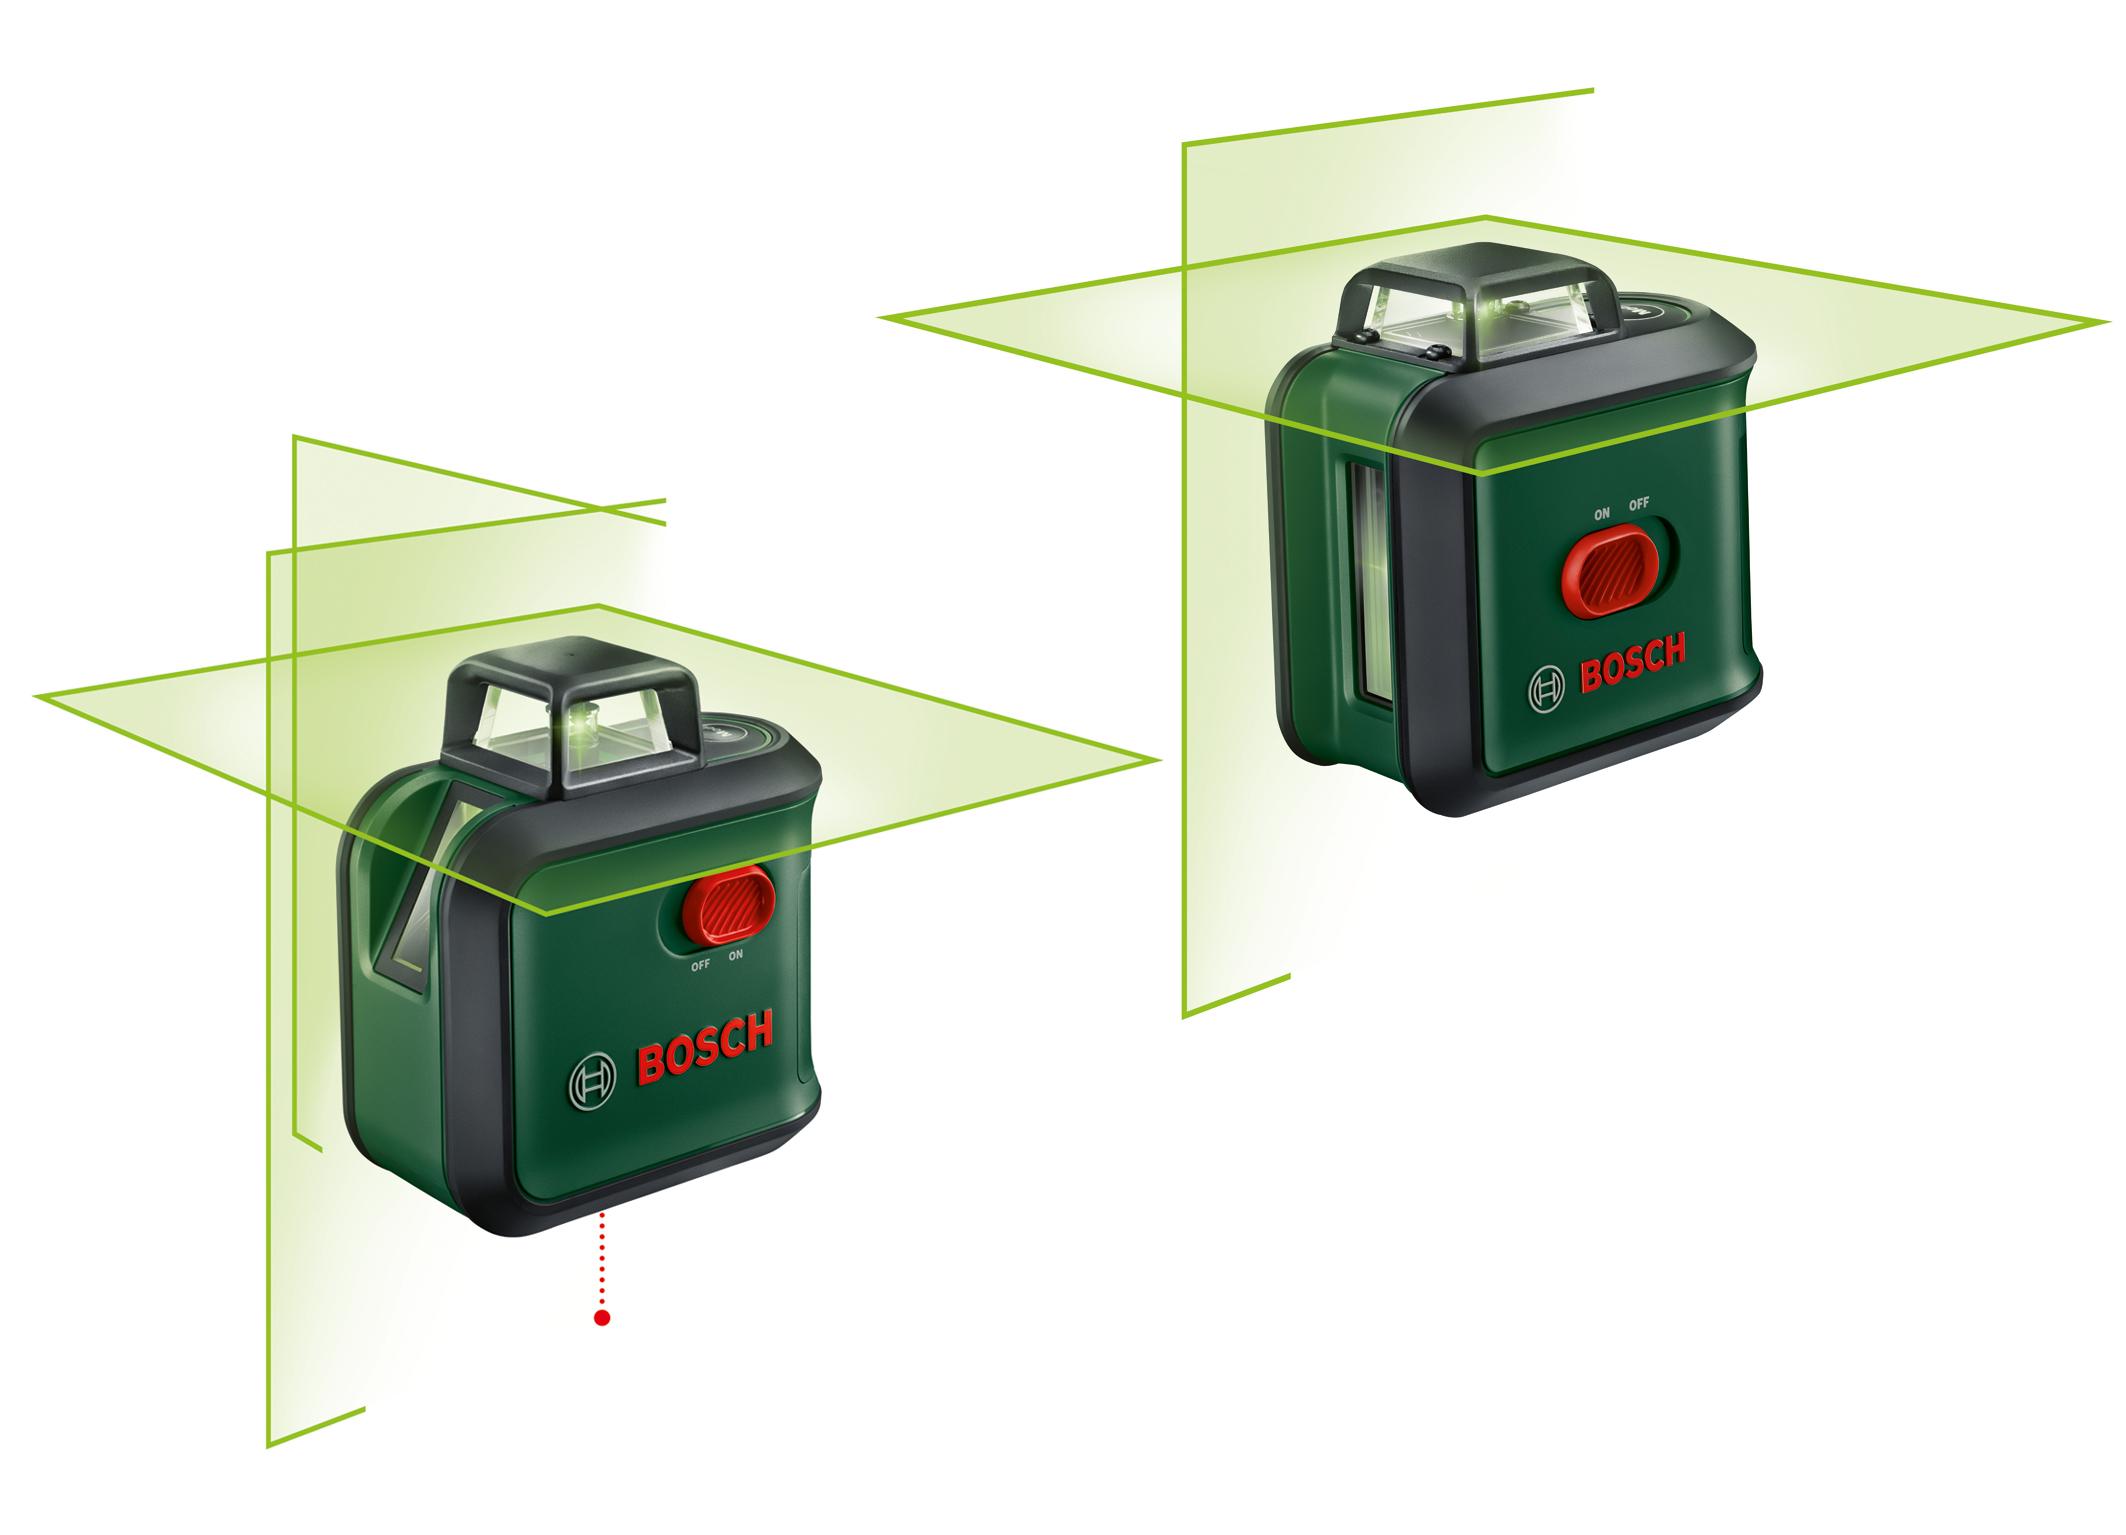 Zelené laserové diódy pre lepšiu viditeľnosť: Nové 360-stupňové líniové lasery od firmy Bosch pre kutilov